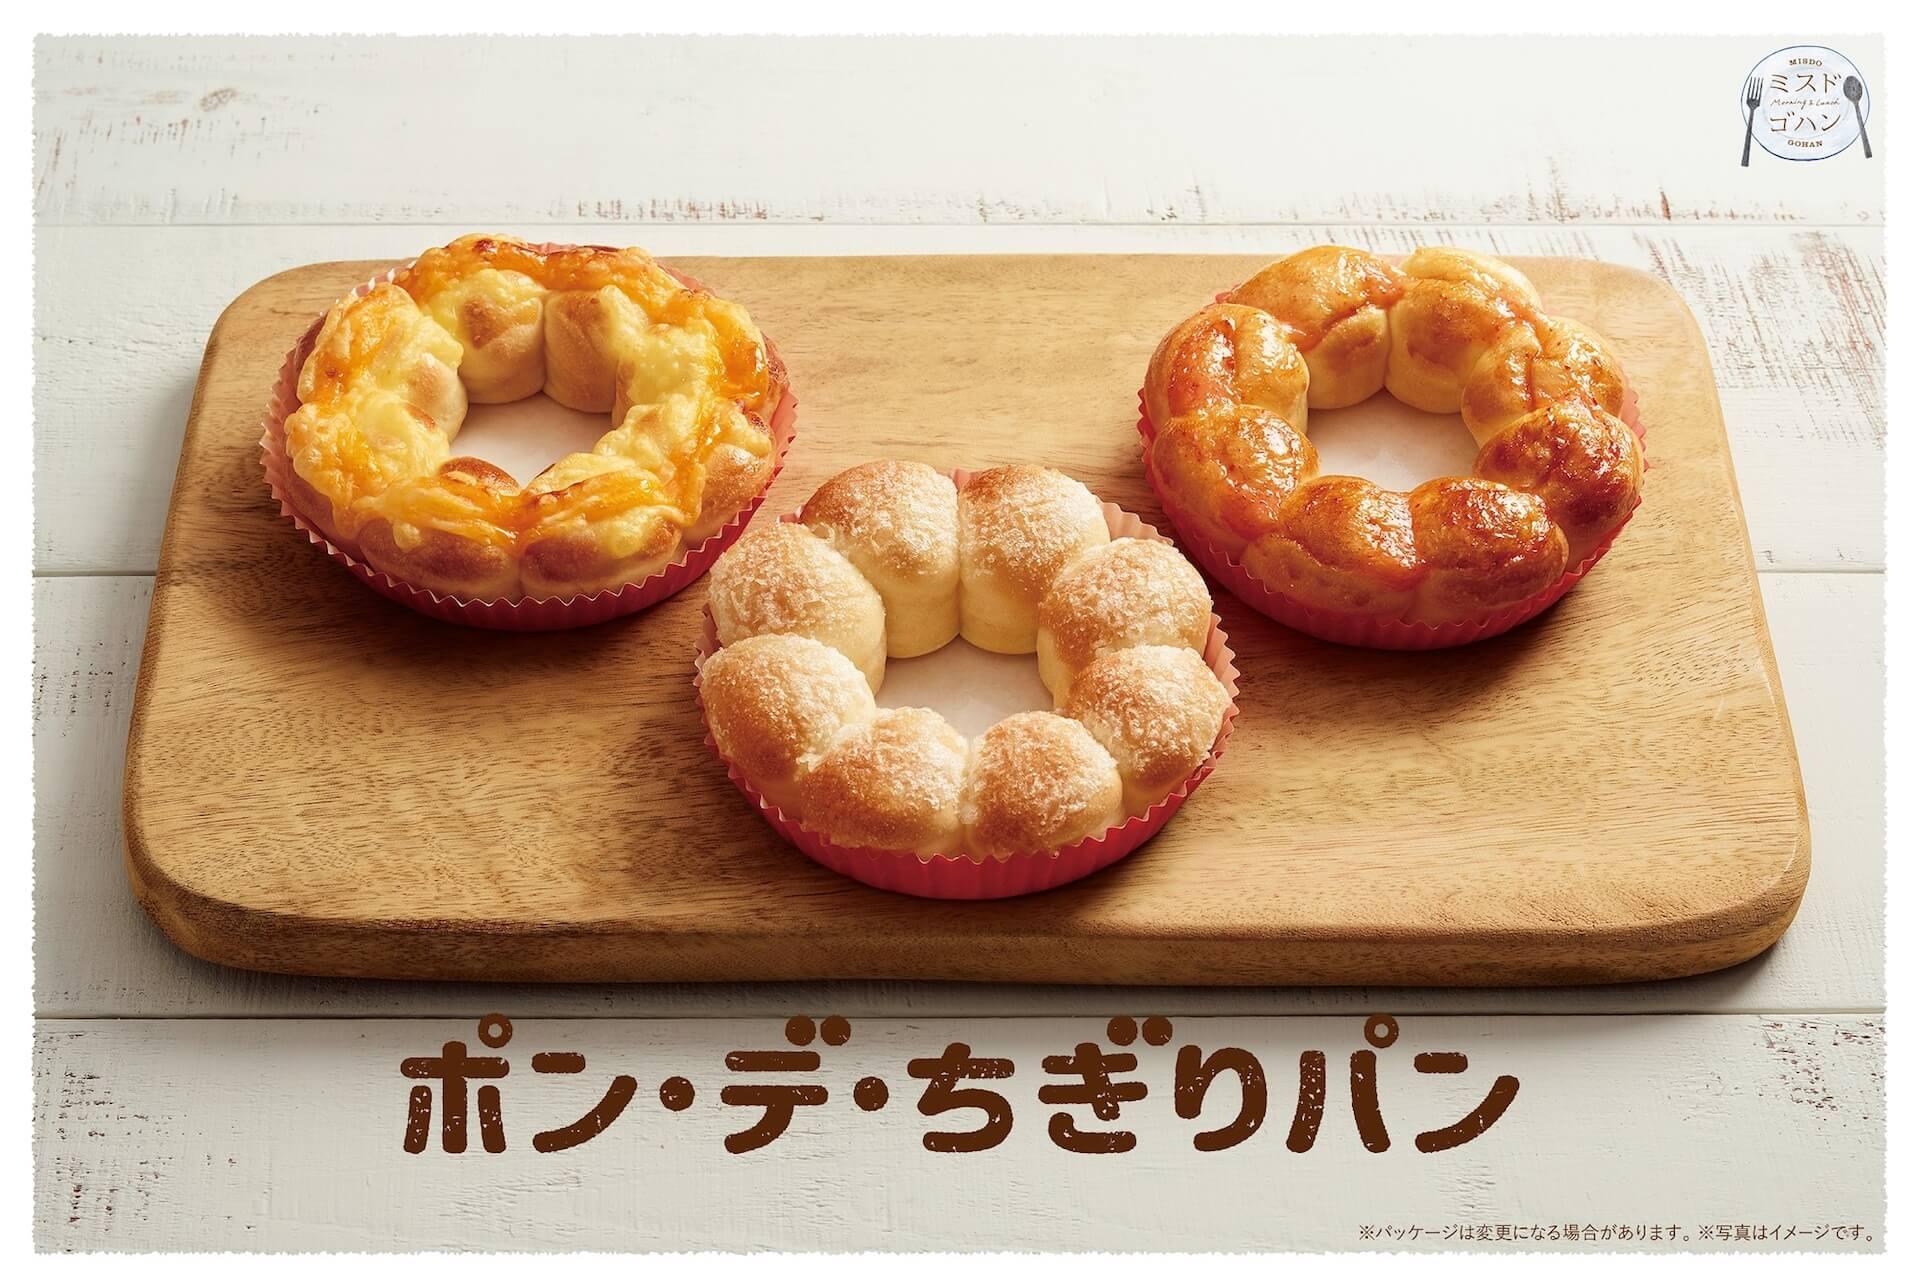 ポン・デ・リングのような新感覚のミスドゴハン!ミスタードーナツで『ポン・デ・ちぎりパン』3種が発売決定 gourmet200616_misterdonuts_4